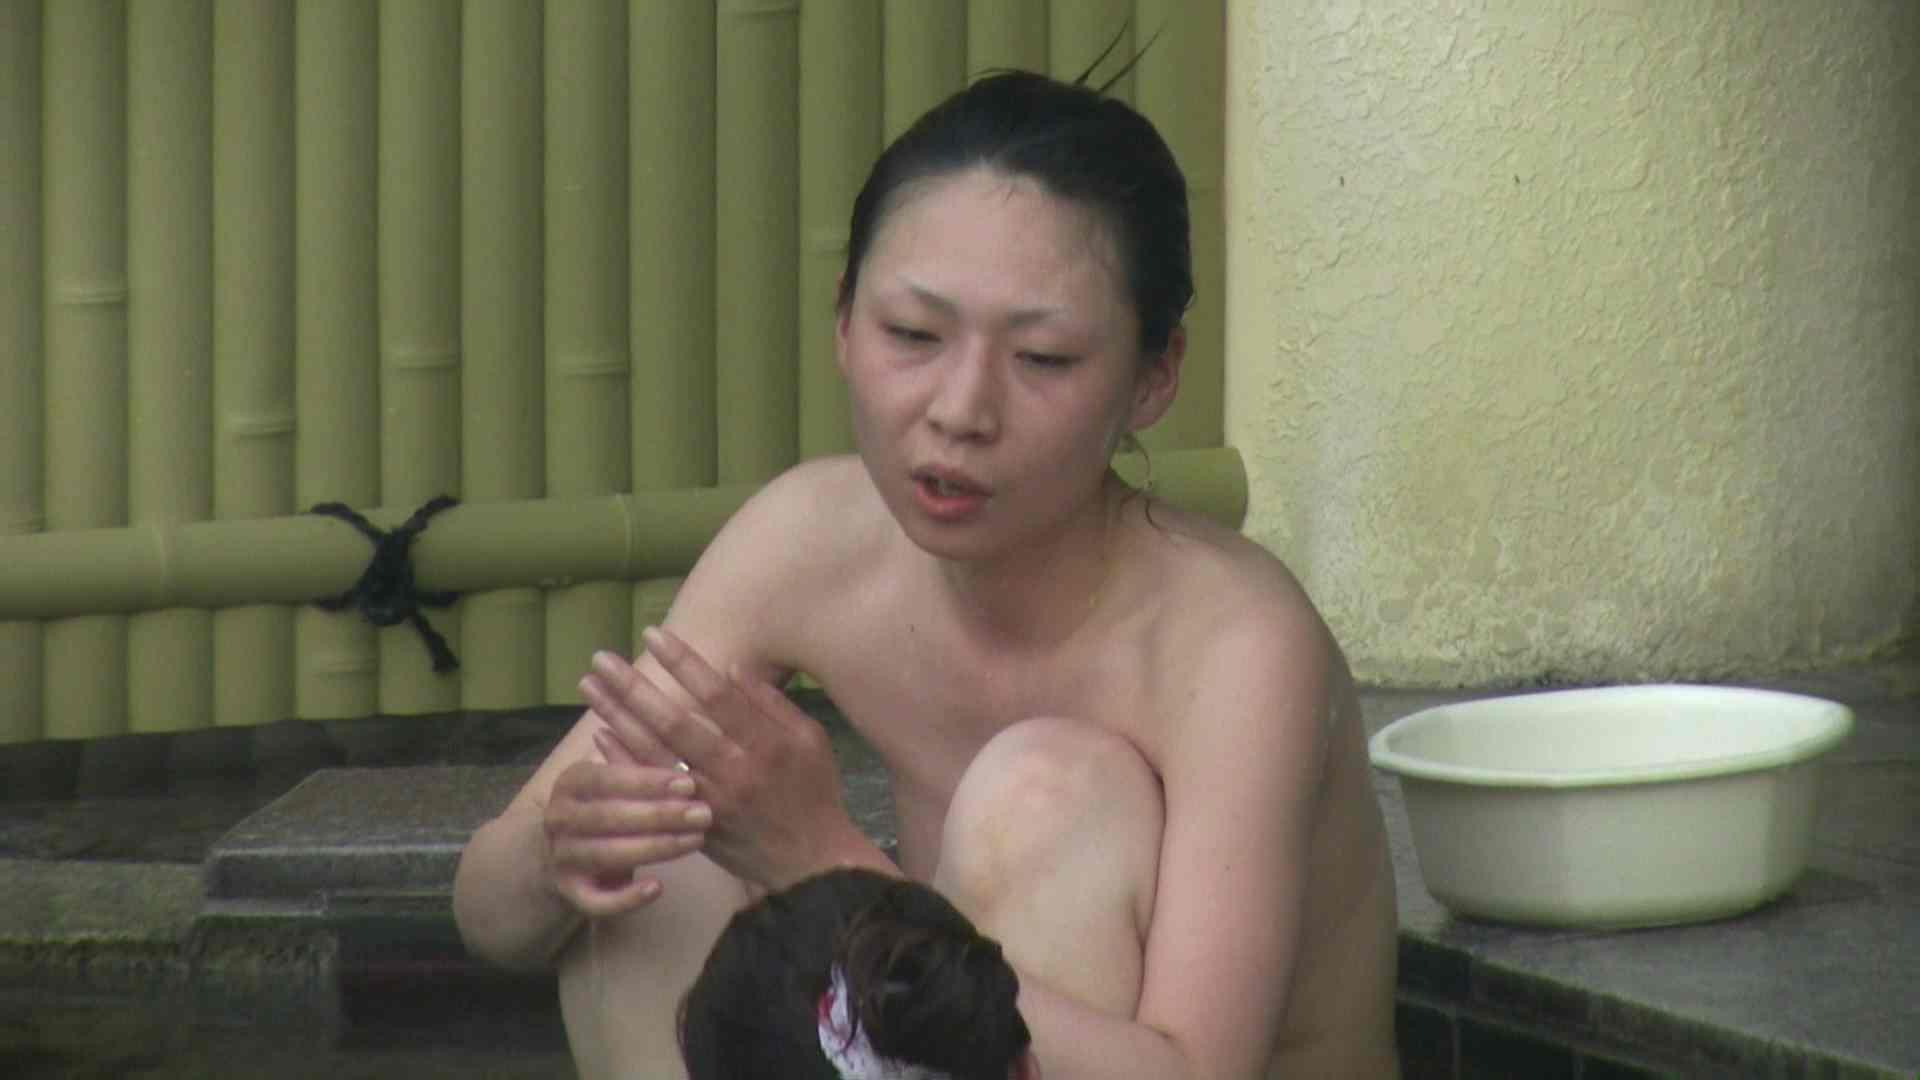 Aquaな露天風呂Vol.01 【VIP】 盗撮 | OLのエロ生活  95連発 40